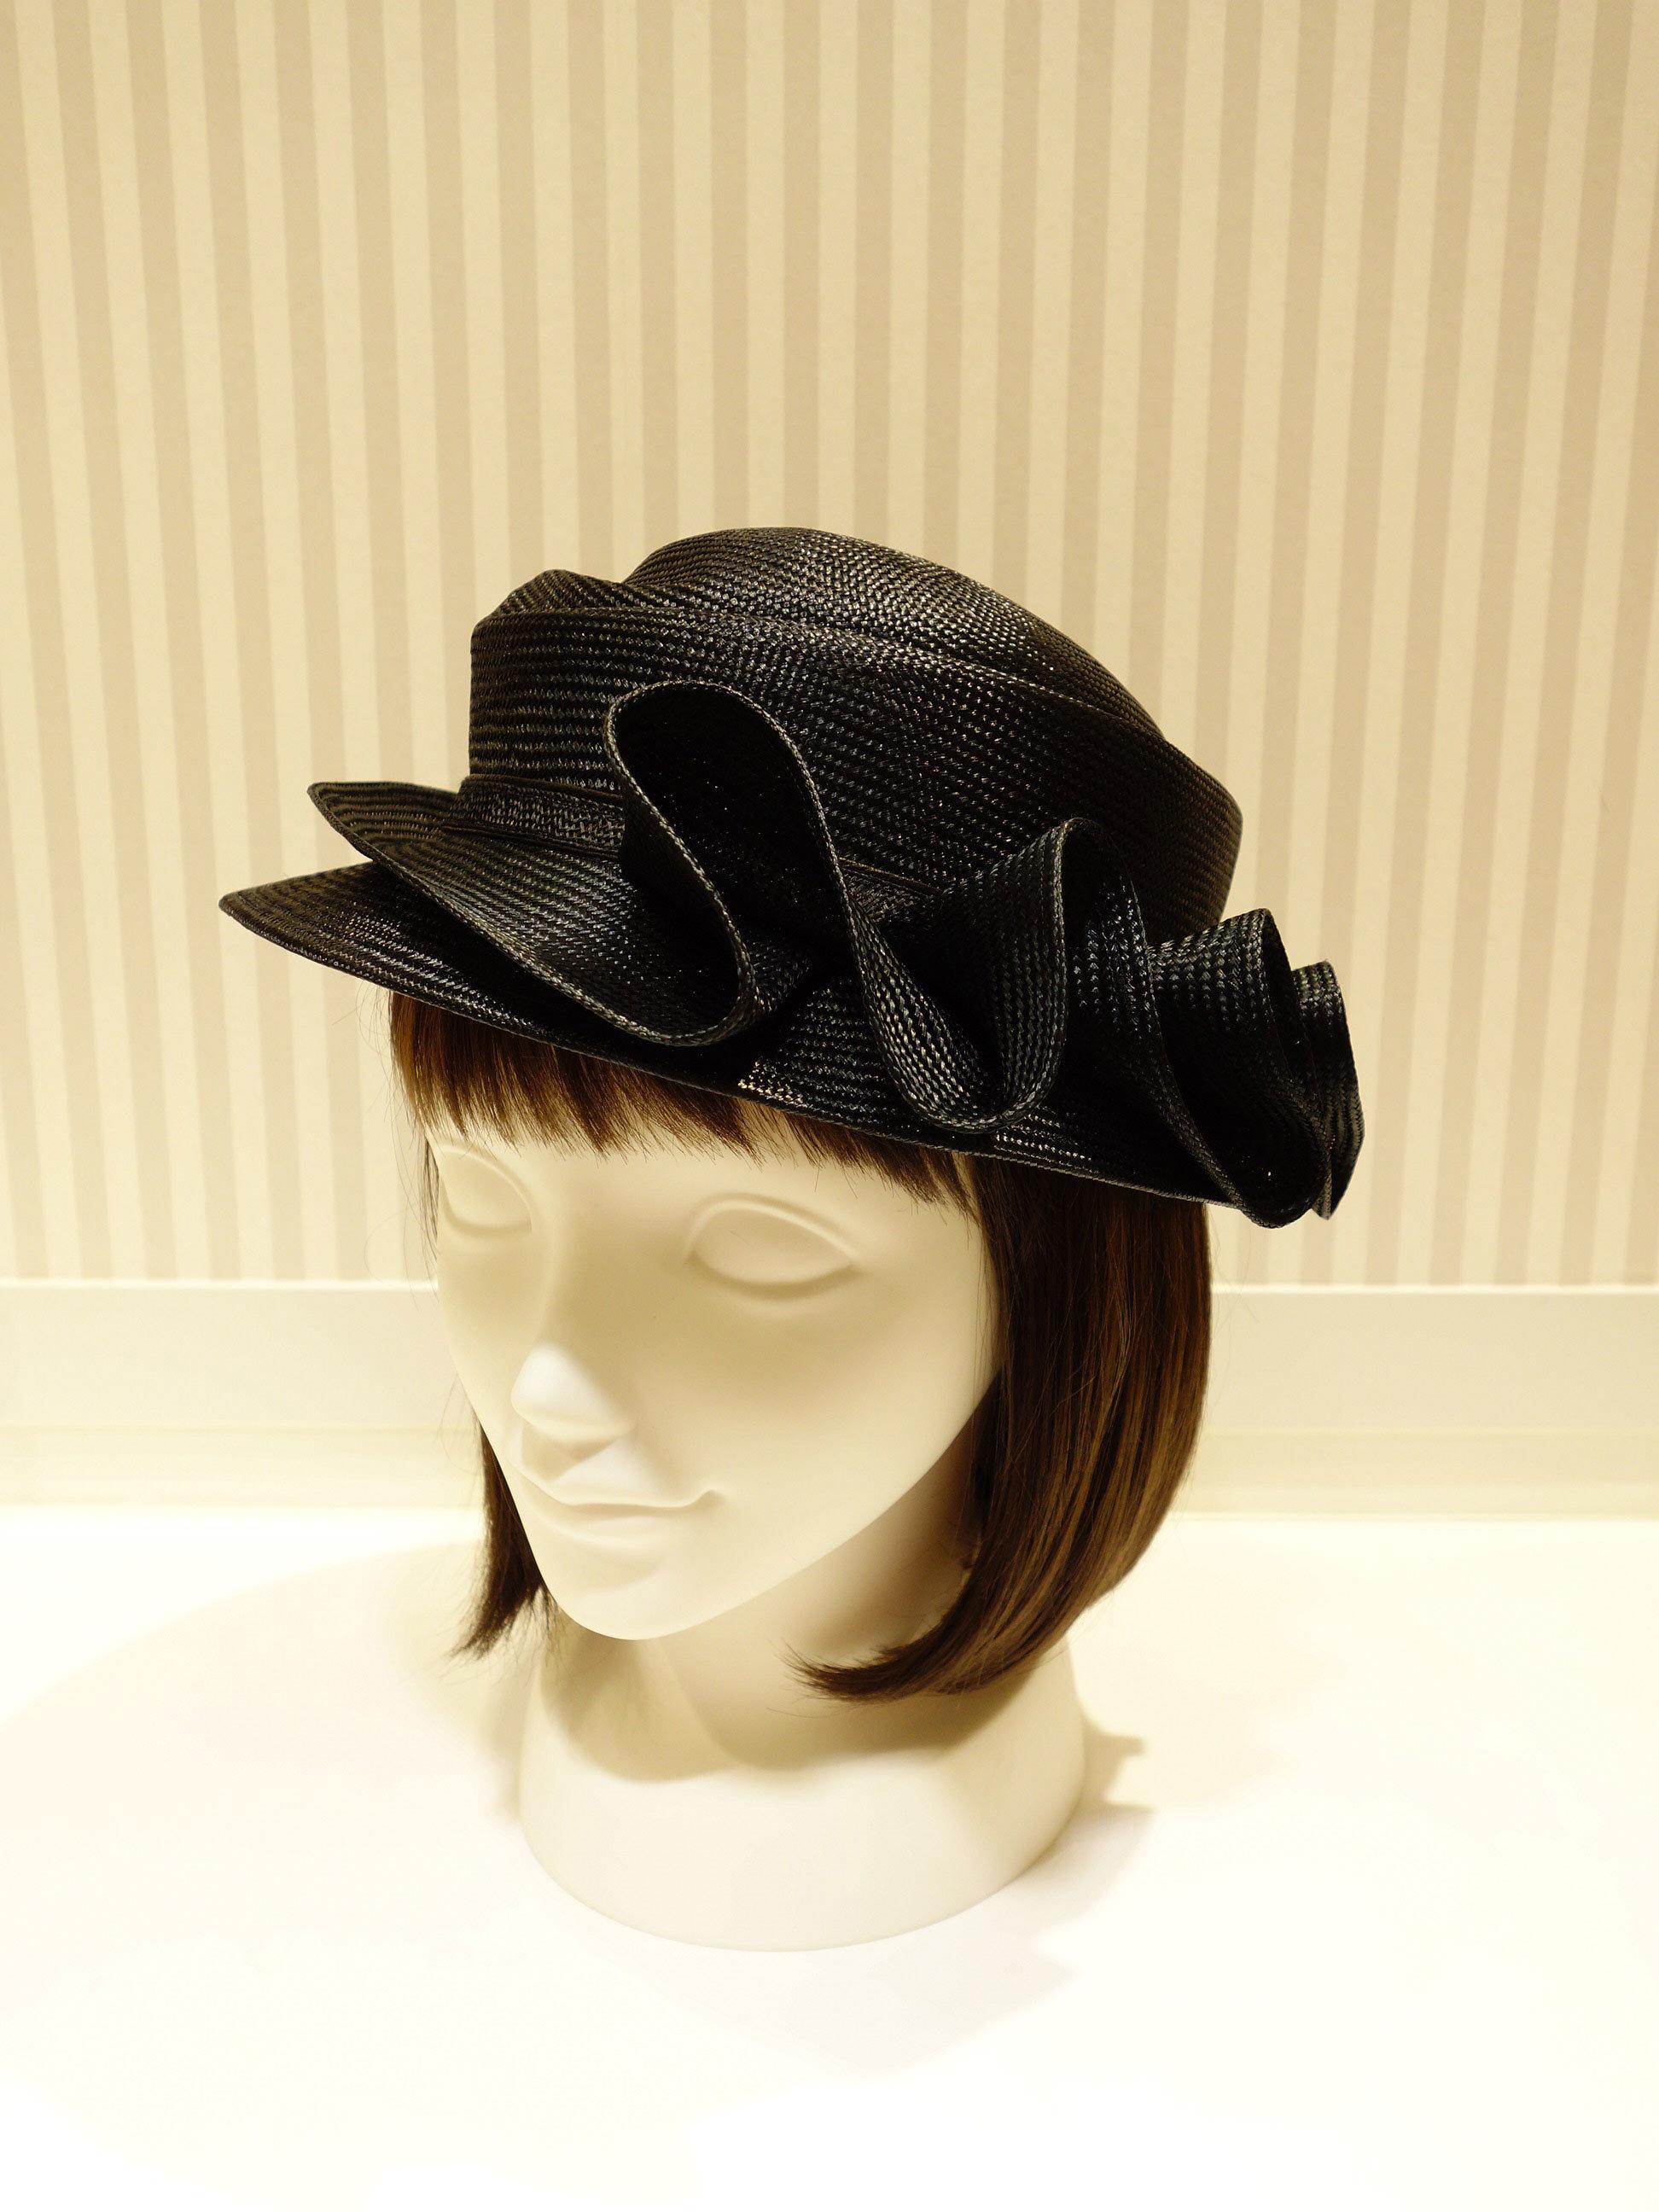 Mode Svetlana新作帽子入荷です♪_e0167832_20323116.jpg